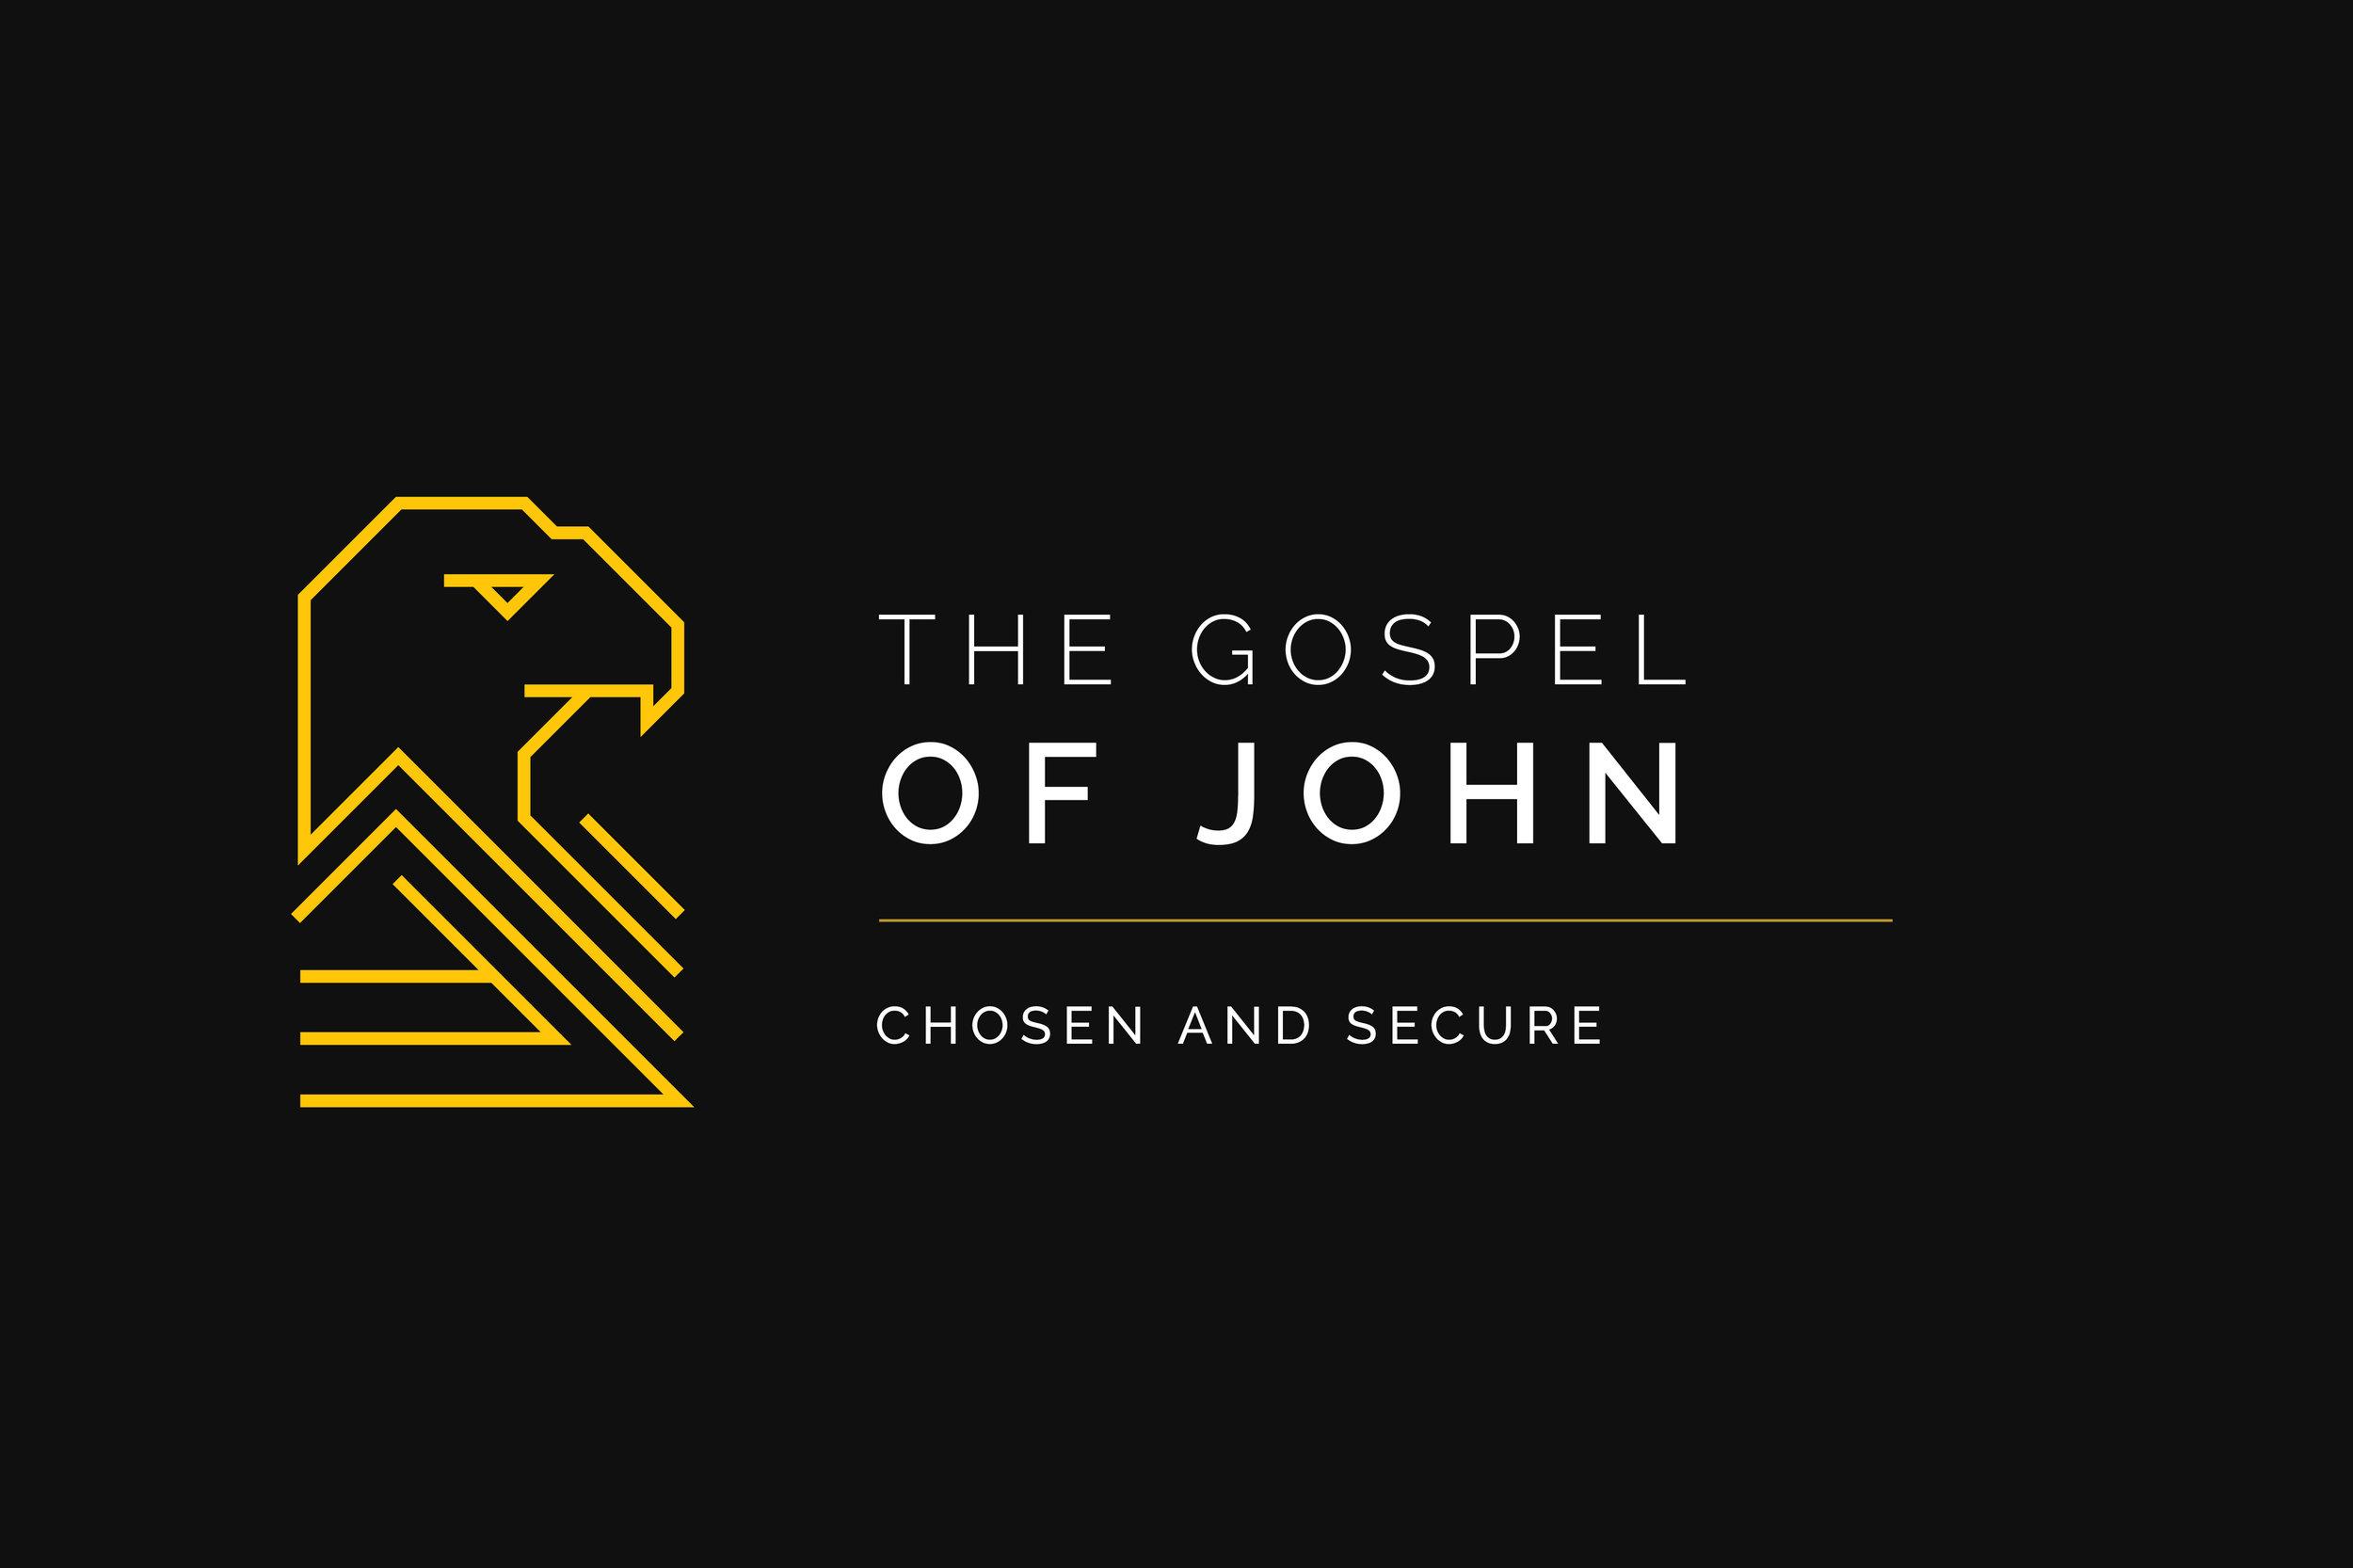 09-The-Gospel-of-John-Chosen-and-Secure.jpg